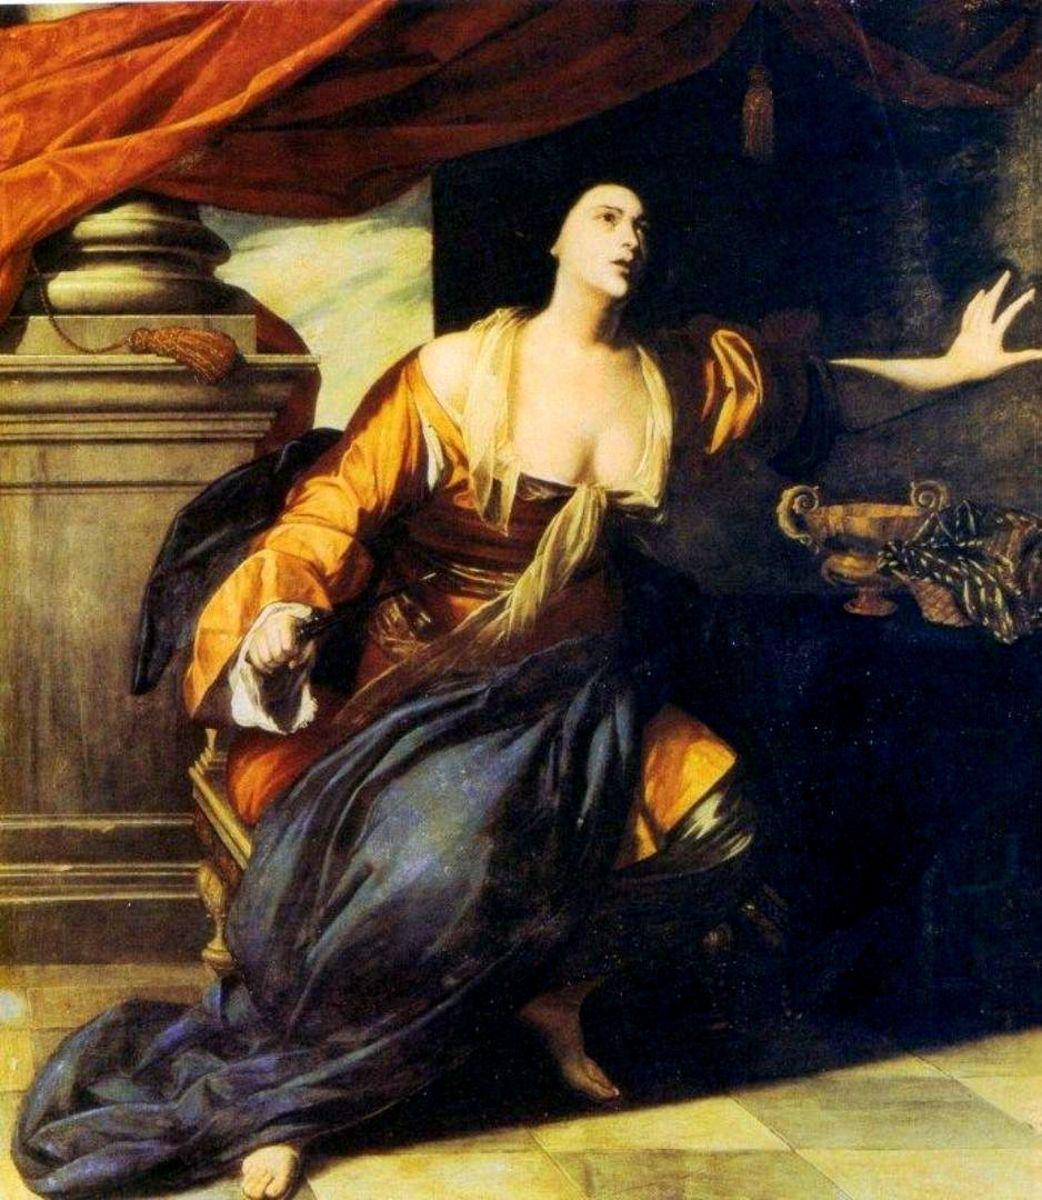 Lucretia by Artemisia Gentileschi